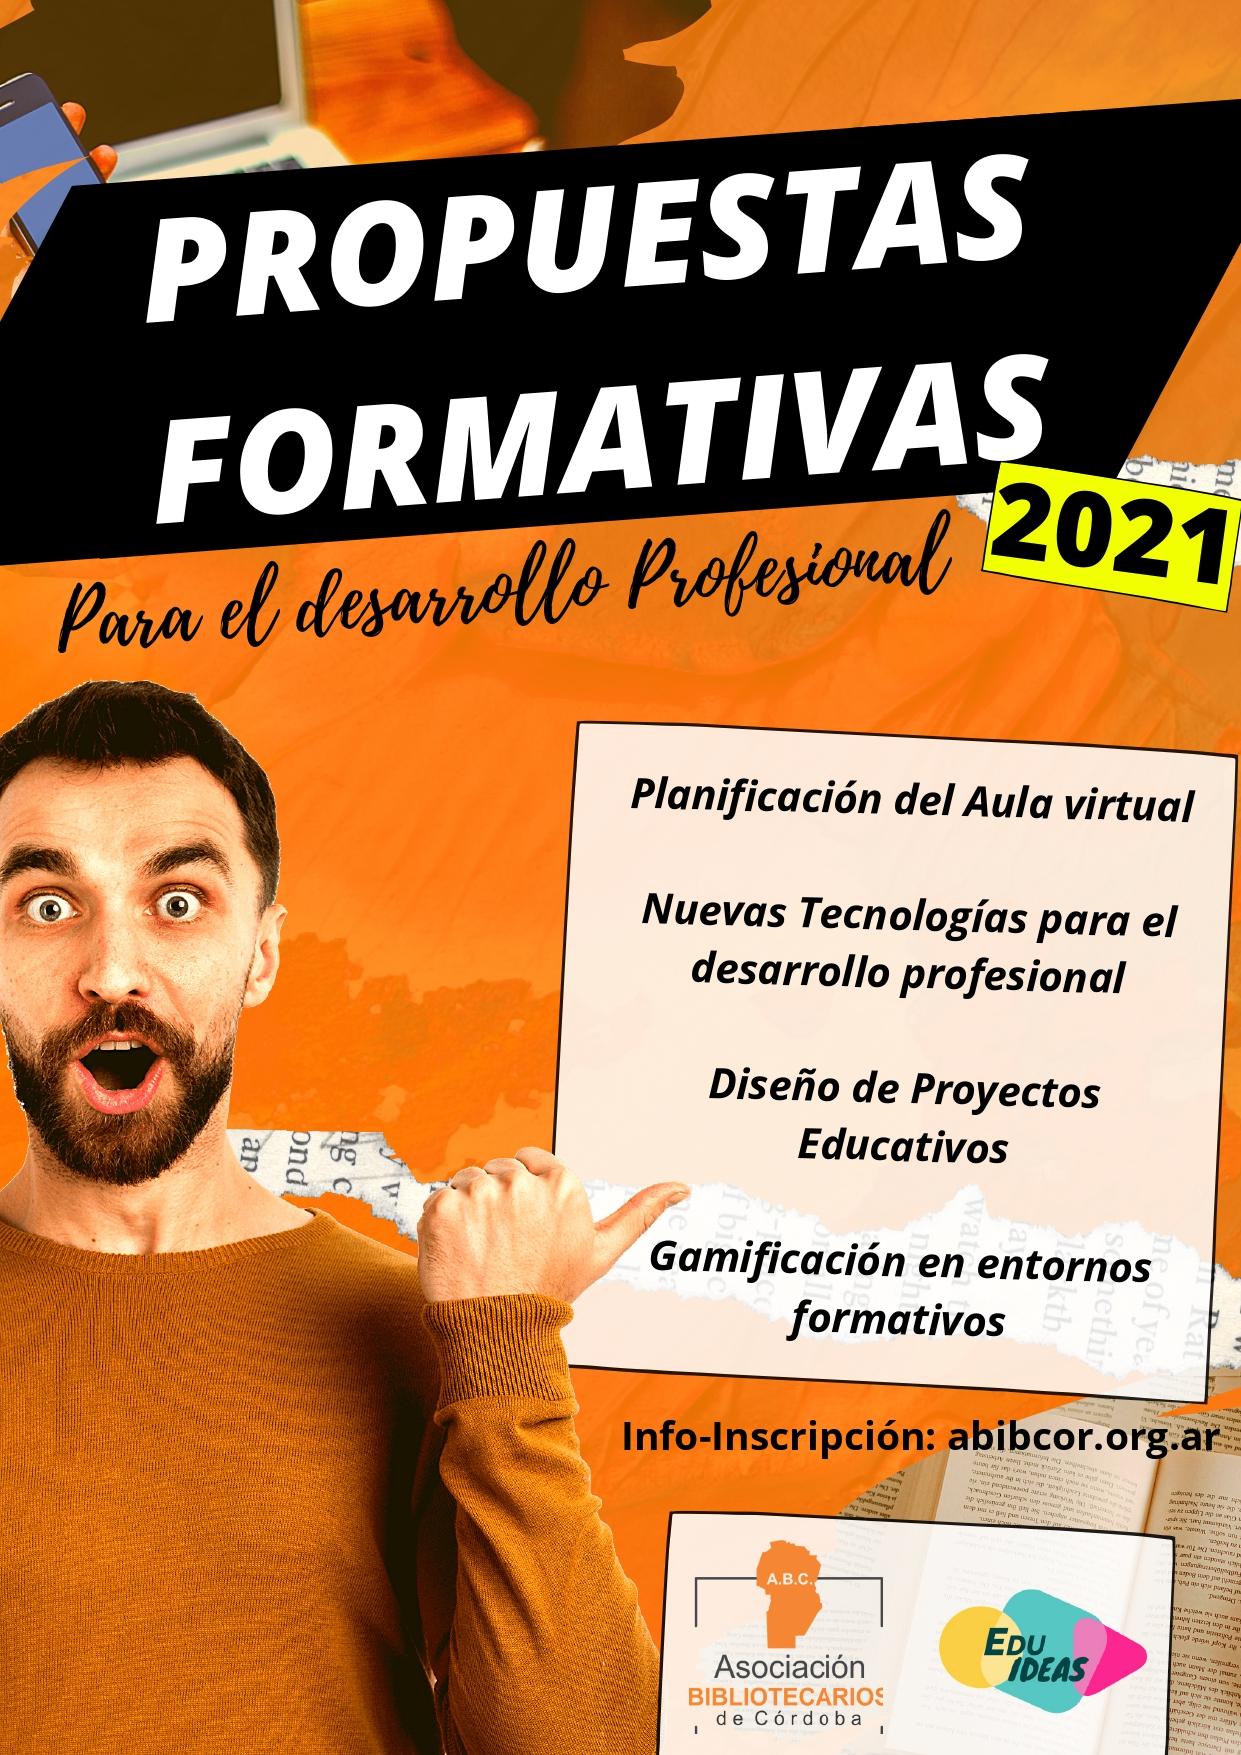 Propuestas Formativas 2021: para el desarrollo profesional